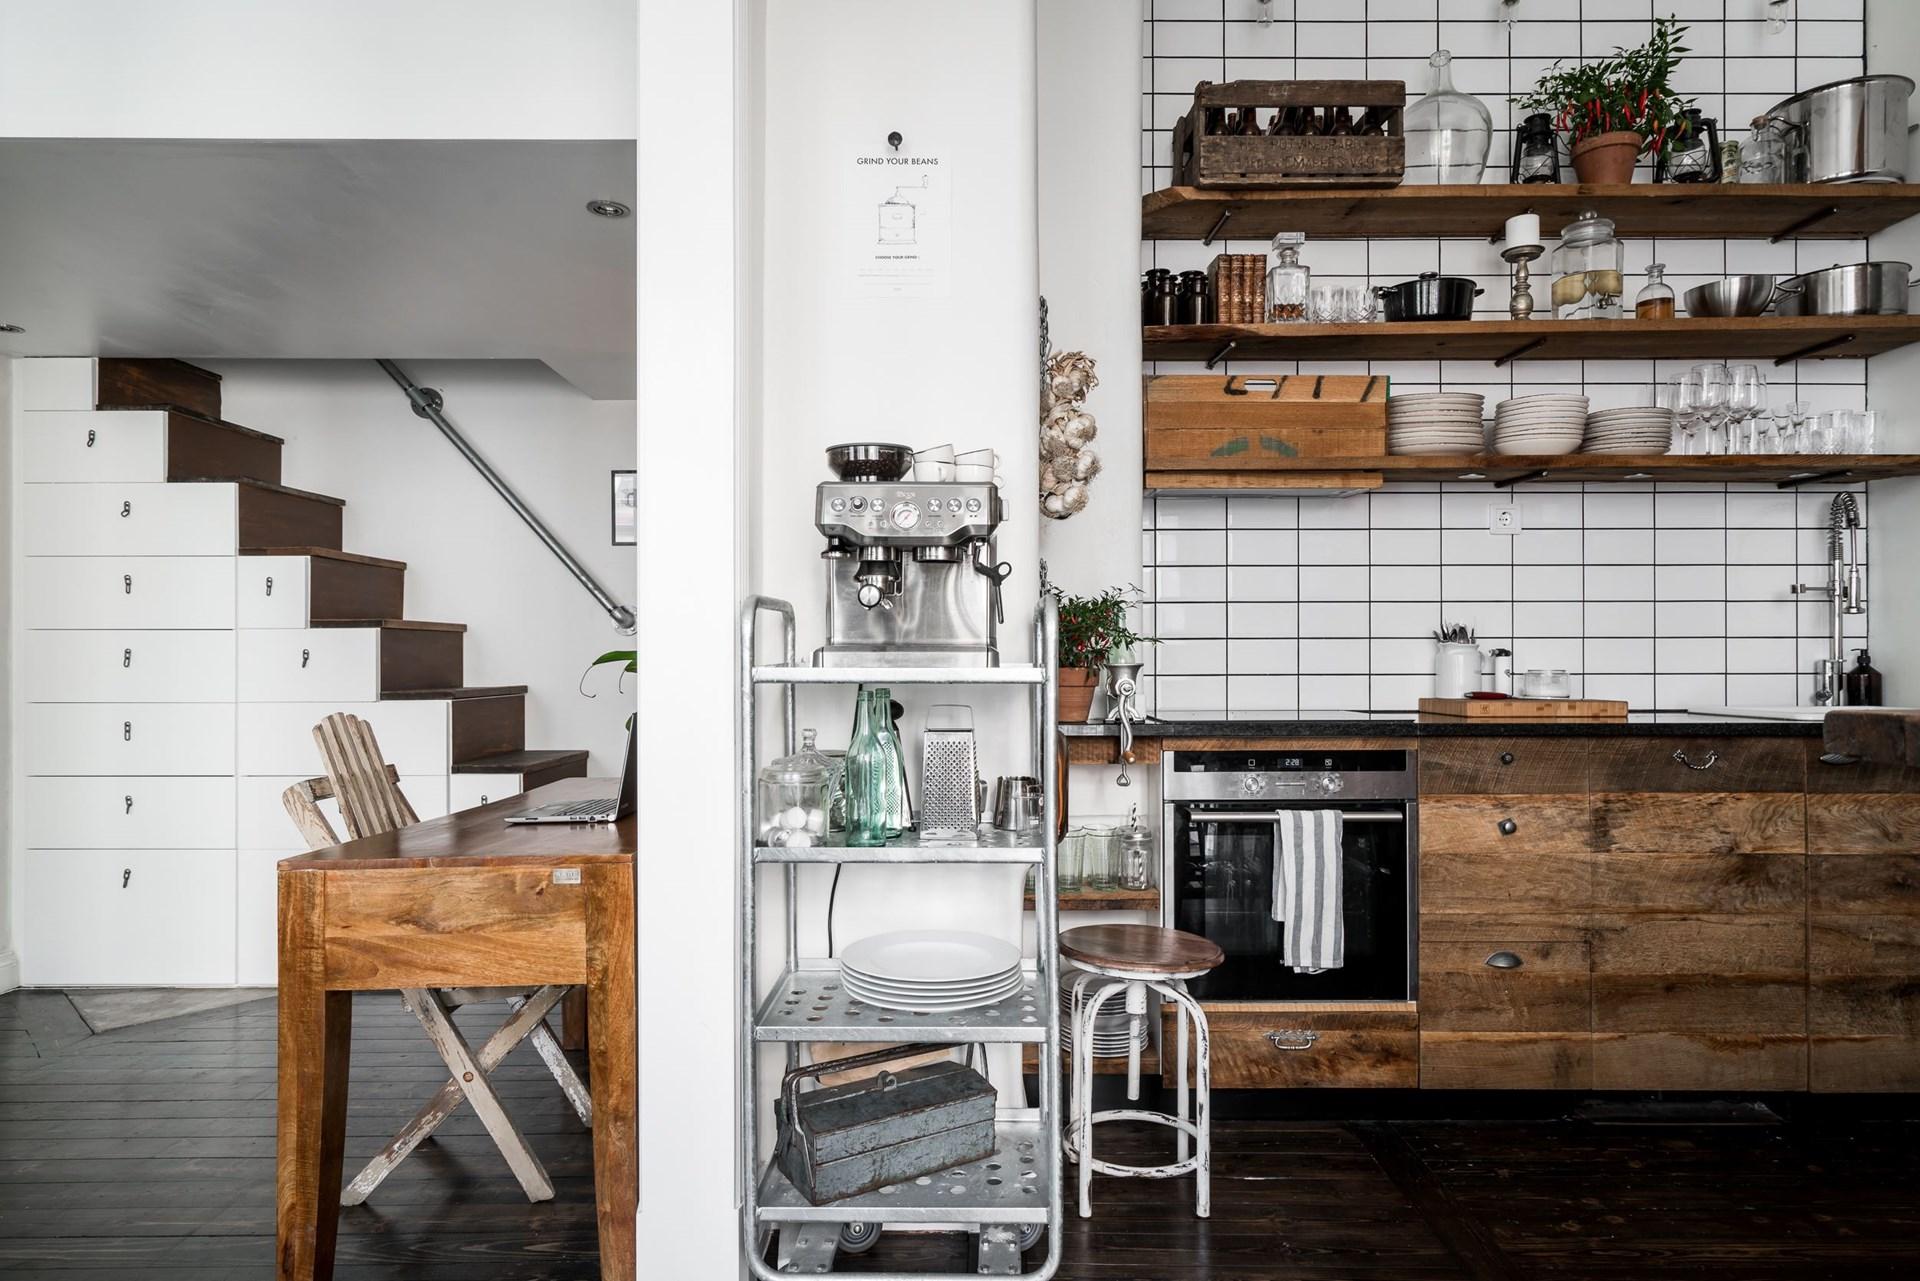 кухонная мебель деревянные фасады полки посуда стеллаж кофеварка